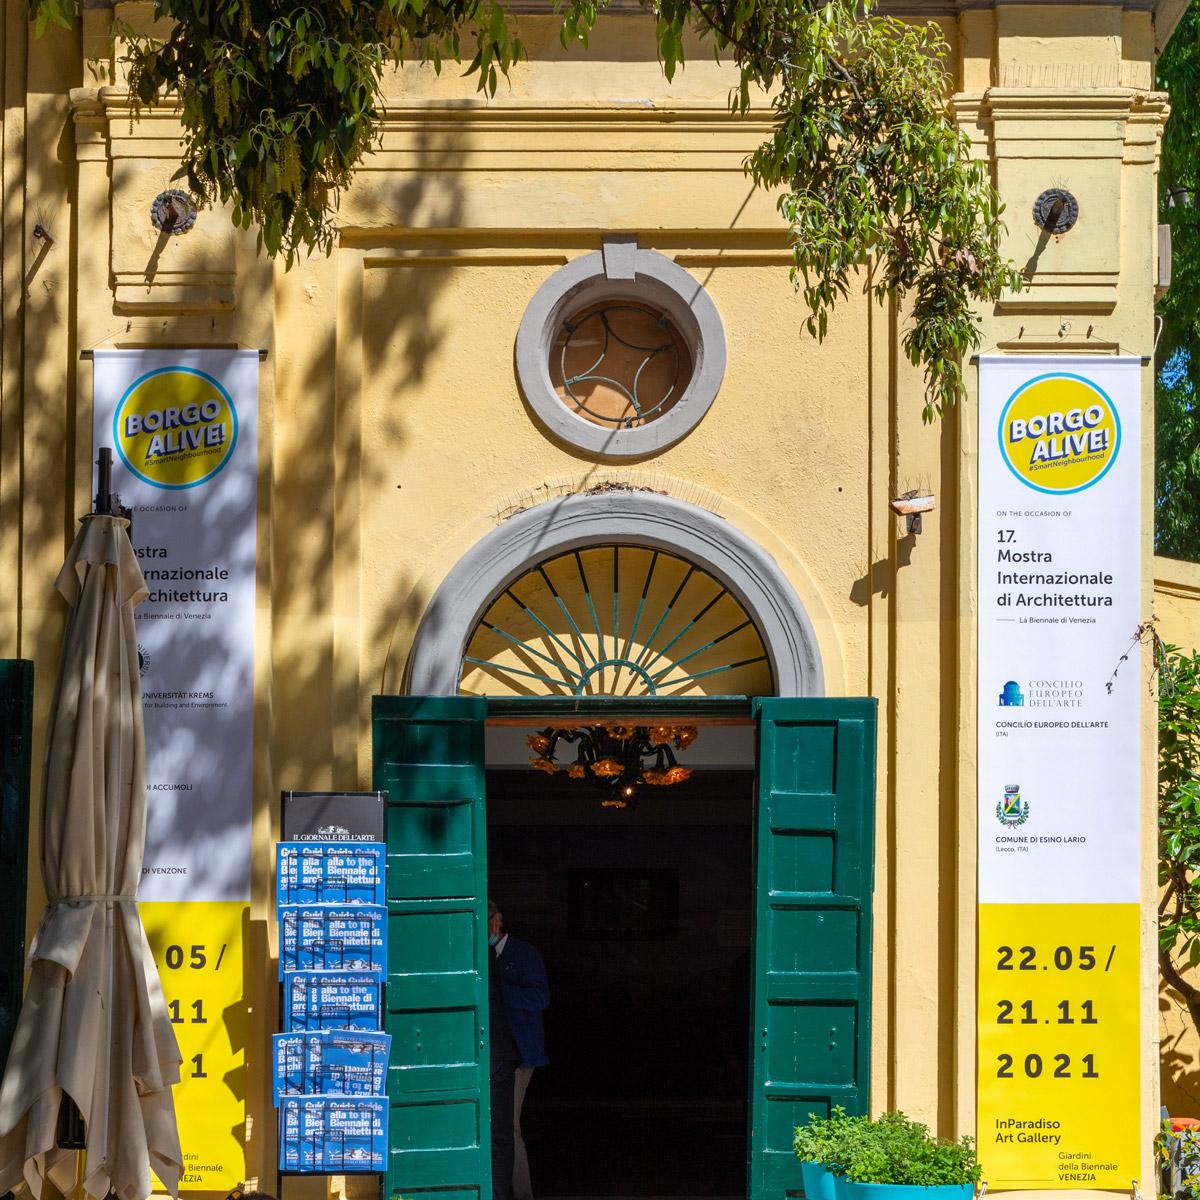 Mostra Concilio Europeo dell'arte a Venezia